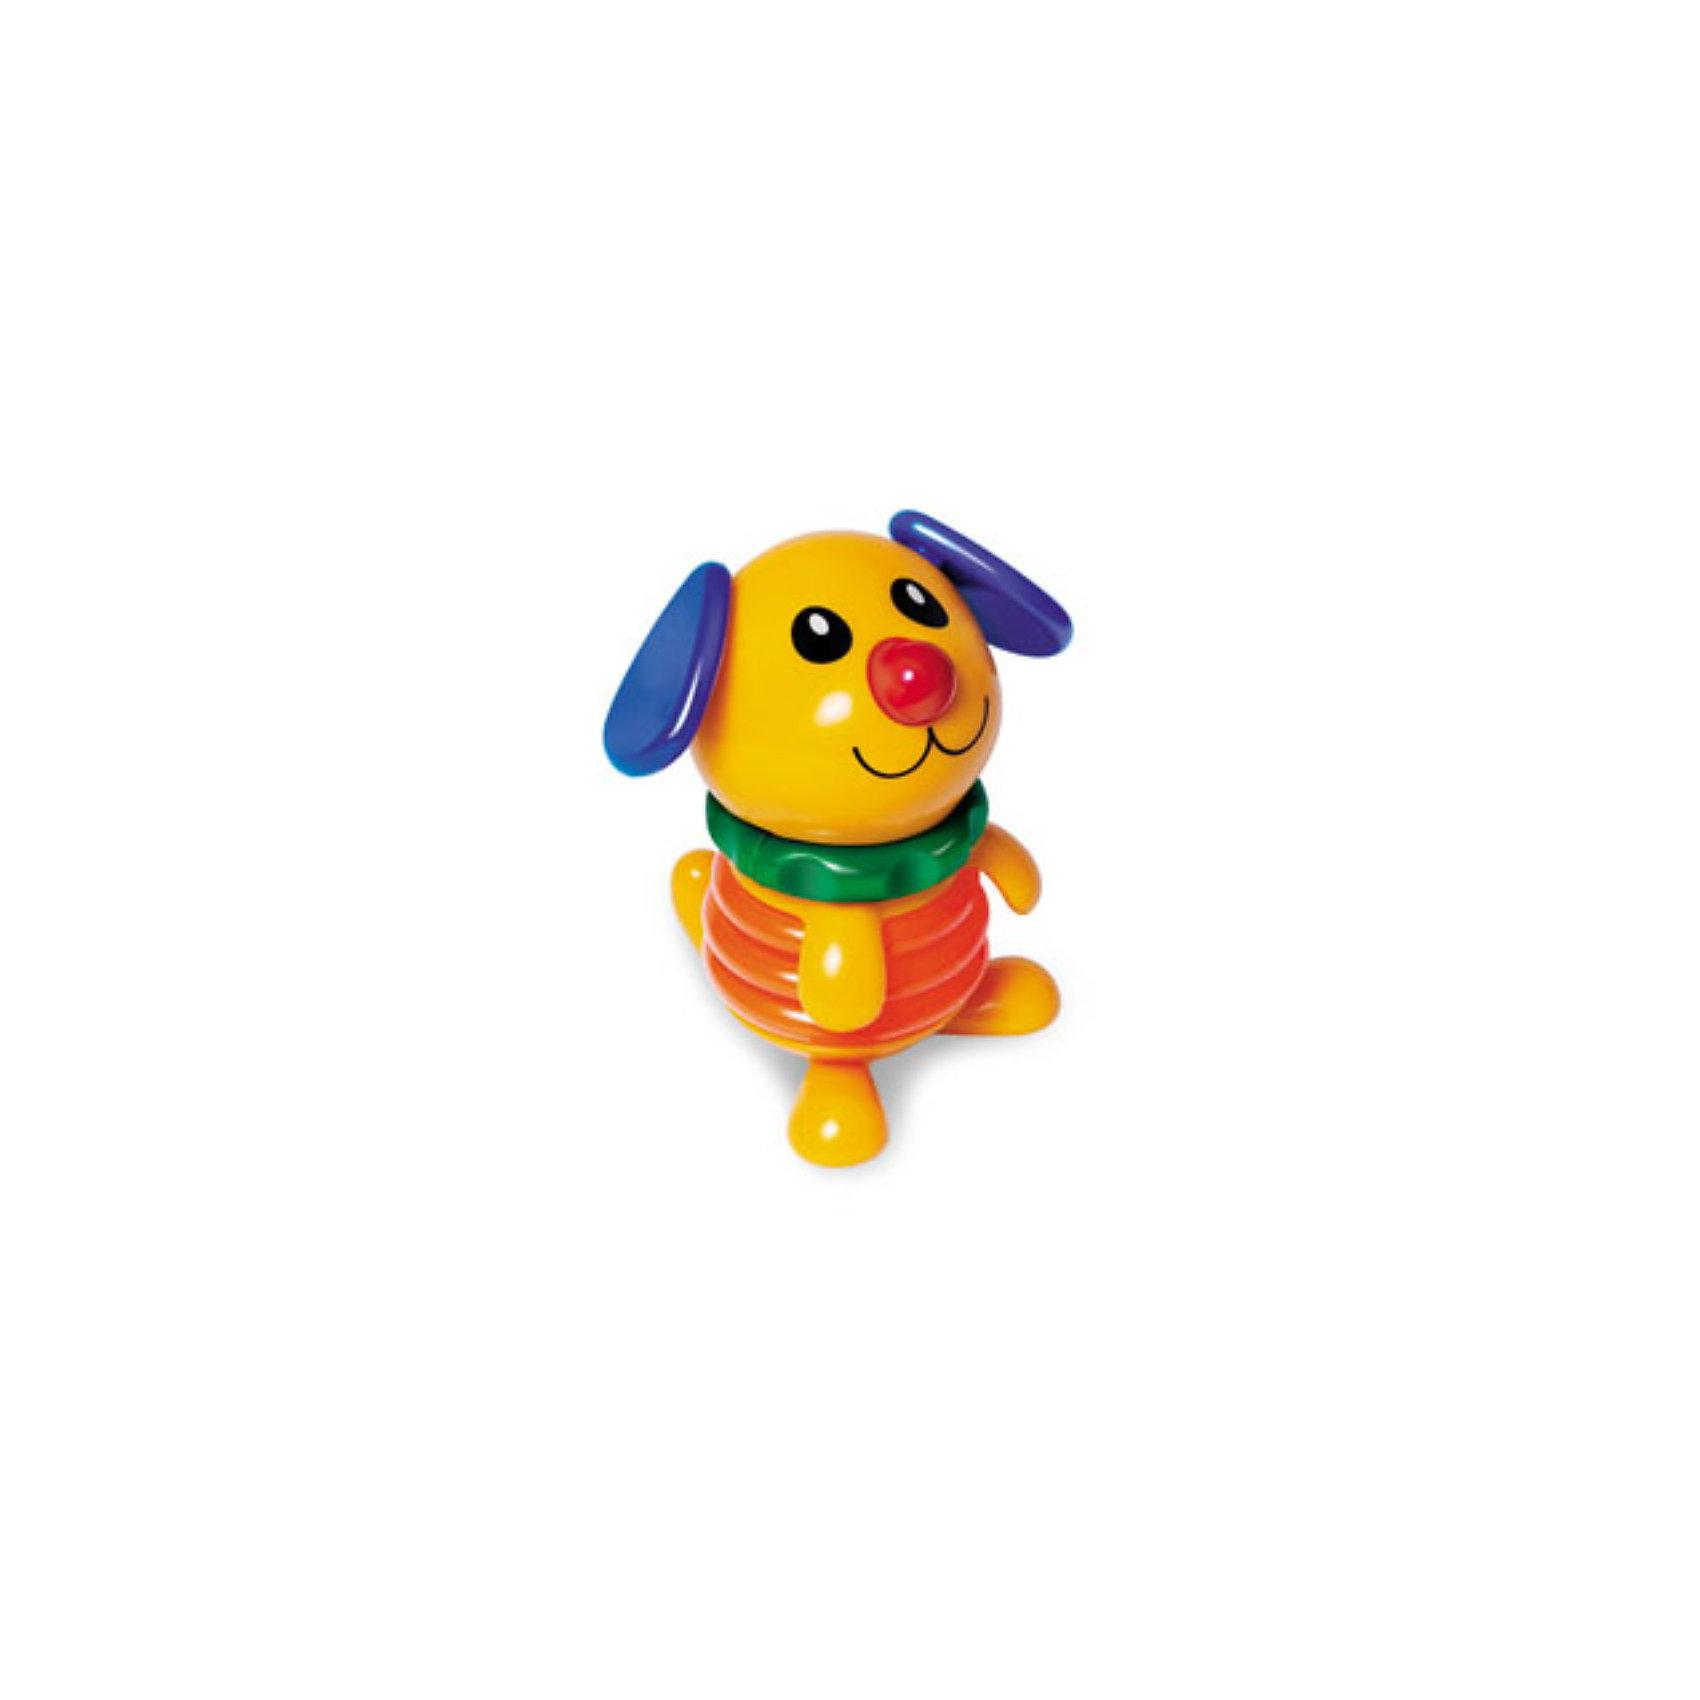 Фигурка Собака, TOLO CLASSICПогремушки<br>Игрушка-пищалка, сделанная в виде милого жёлтого щенка, надёжно привлечёт внимание малыша своим дизайном и громким звуком. Стоит нажать на голову щеночка, как он сложится почти вдвоё и издаст высокий писк! Его голова может крутиться в разные стороны с механическим потрескиванием, ушки вертятся, а размеры игрушки позволяют детским ладошкам без каких-либо затруднений хватать её и удерживать. Пластик, из которого она изготовлена, безопасен<br>для ребёнка, поэтому он без опаски может грызть или покусывать её.<br><br>Возраст: от 6 месяцев и старше.<br><br>Ширина мм: 125<br>Глубина мм: 65<br>Высота мм: 140<br>Вес г: 130<br>Возраст от месяцев: 12<br>Возраст до месяцев: 60<br>Пол: Унисекс<br>Возраст: Детский<br>SKU: 2276563